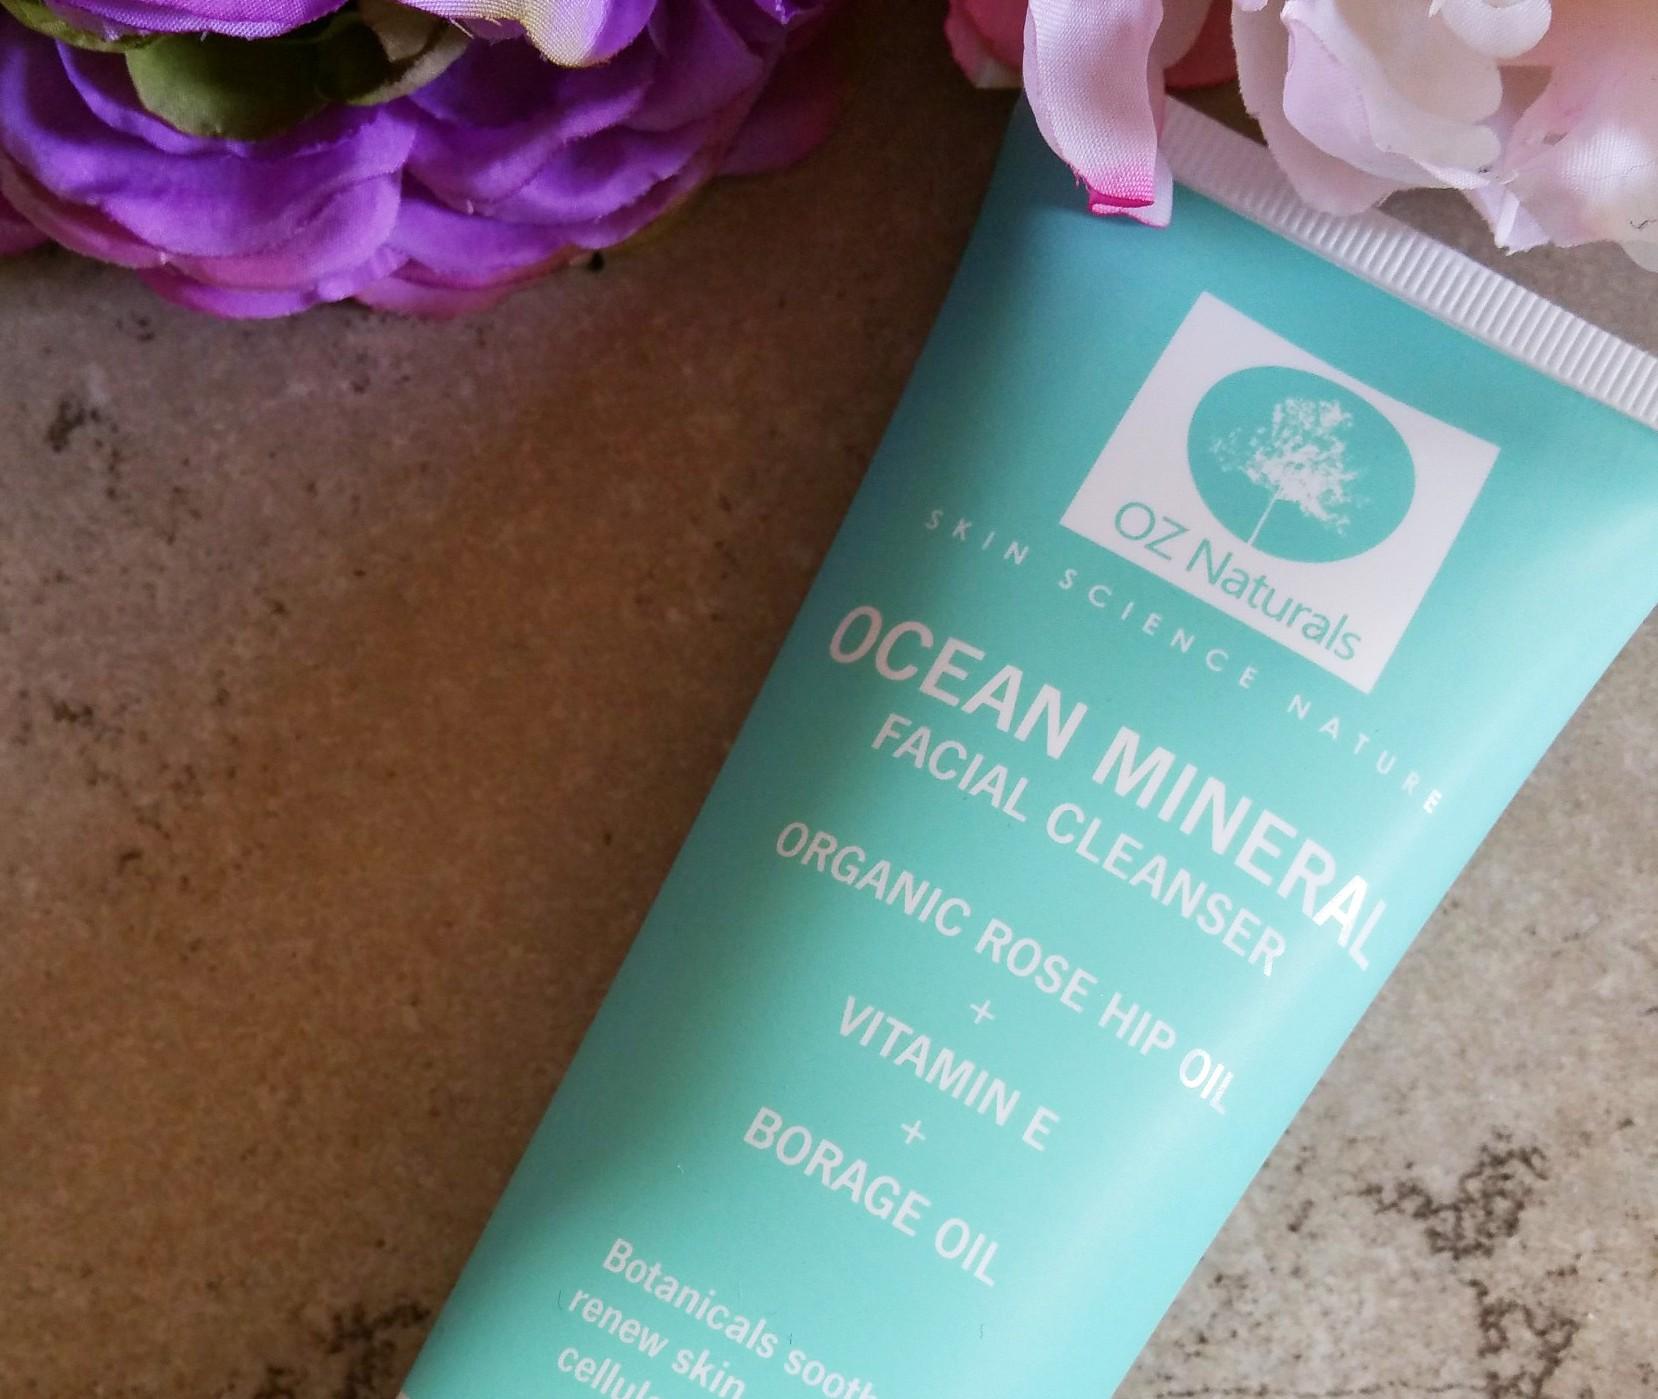 OZ Naturals, OZ Naturals Ocean Mineral Facial Cleanser, facial cleanser, skin care, facial, cleanser,